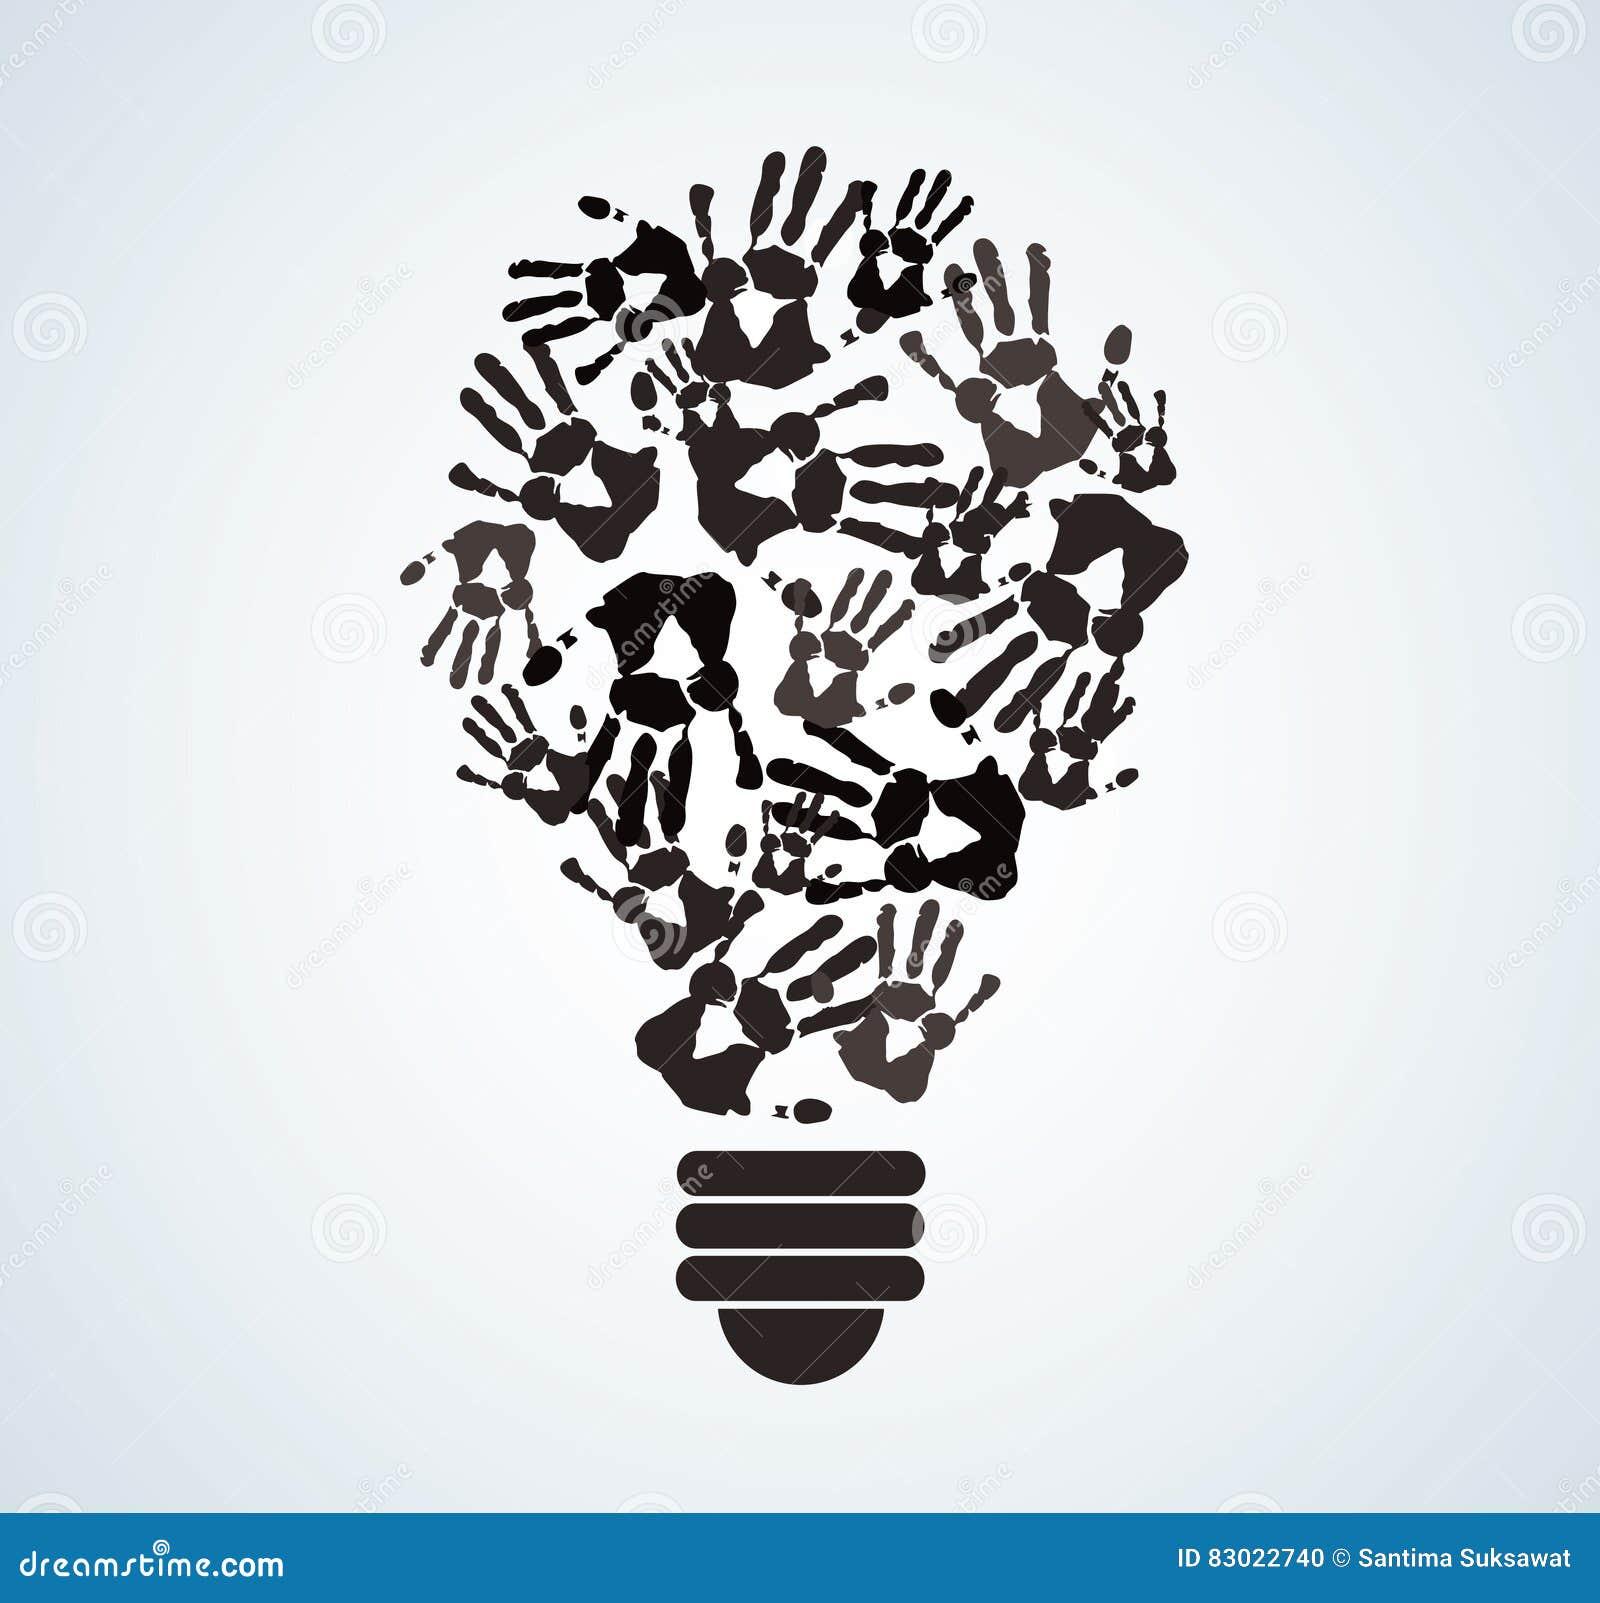 Black and white hand print in lightbulb shape symbol of thinking black and white hand print in lightbulb shape symbol of thinking concept biocorpaavc